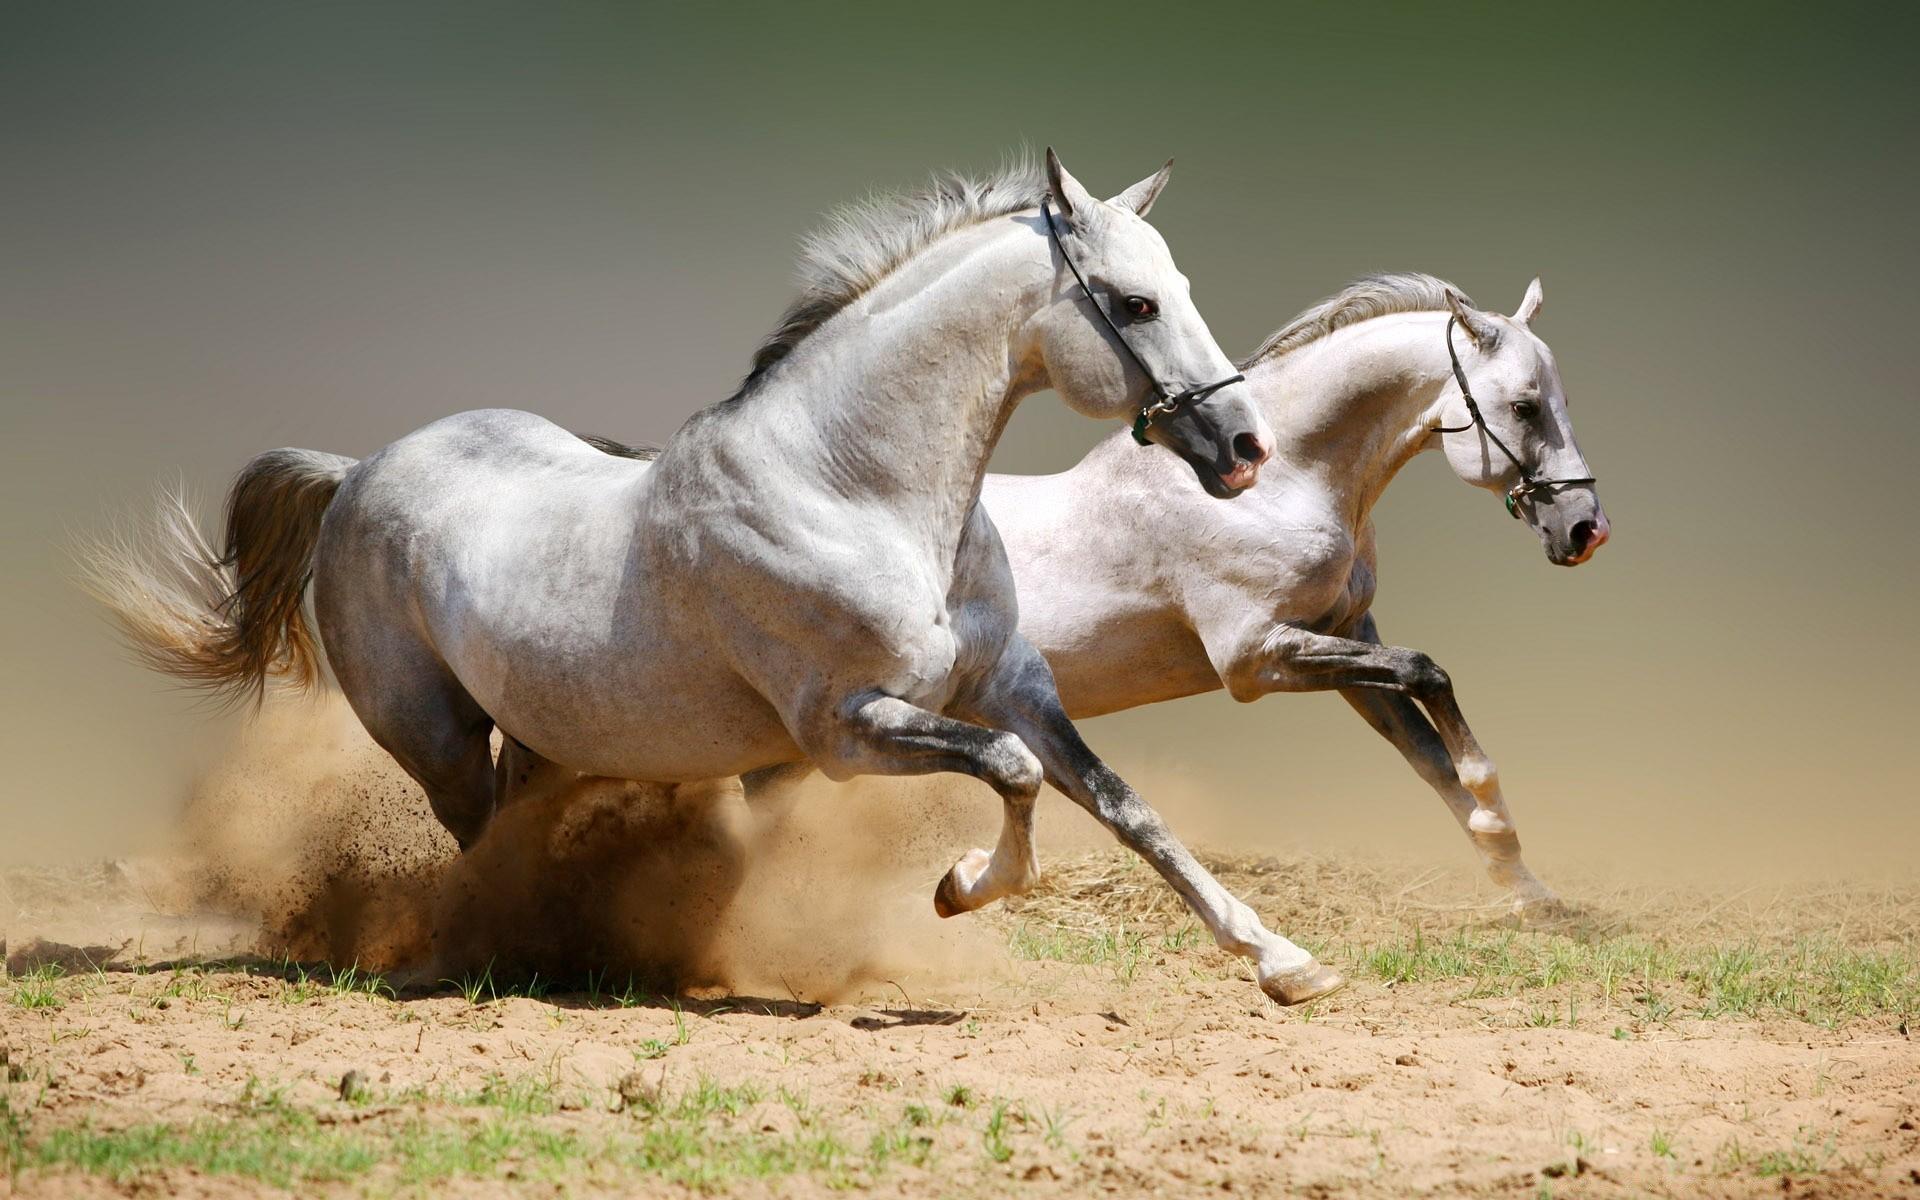 Картинки для рабочего стола-лошадь